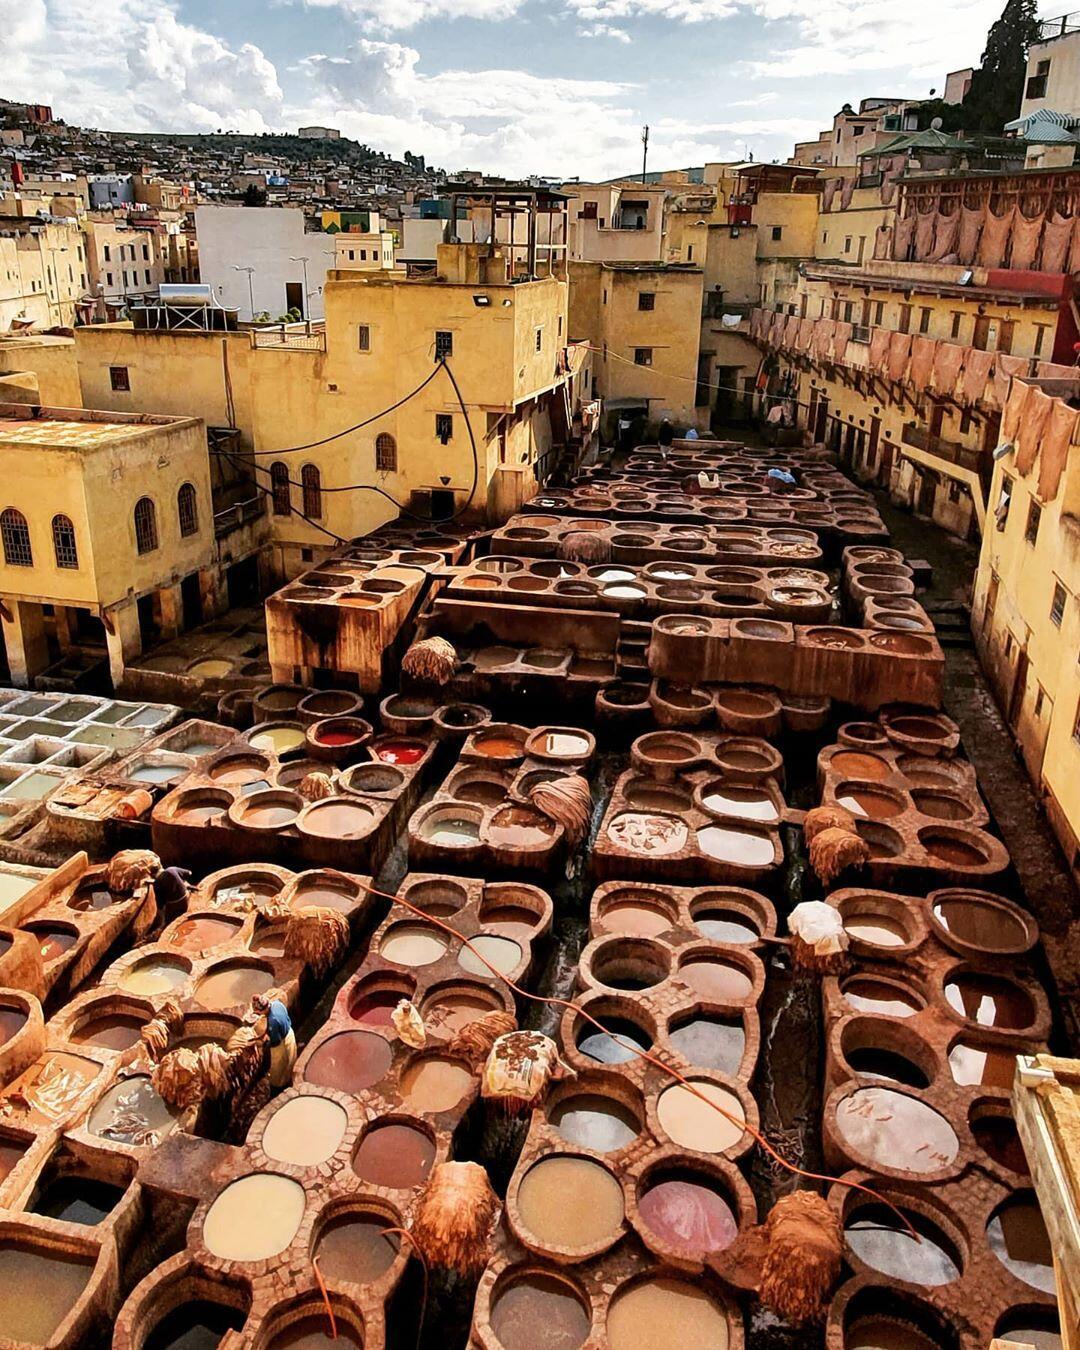 las curtidurías en fes con nuestro Tour itinerario desde Casablanca Viaje por Marruecos 8 dias